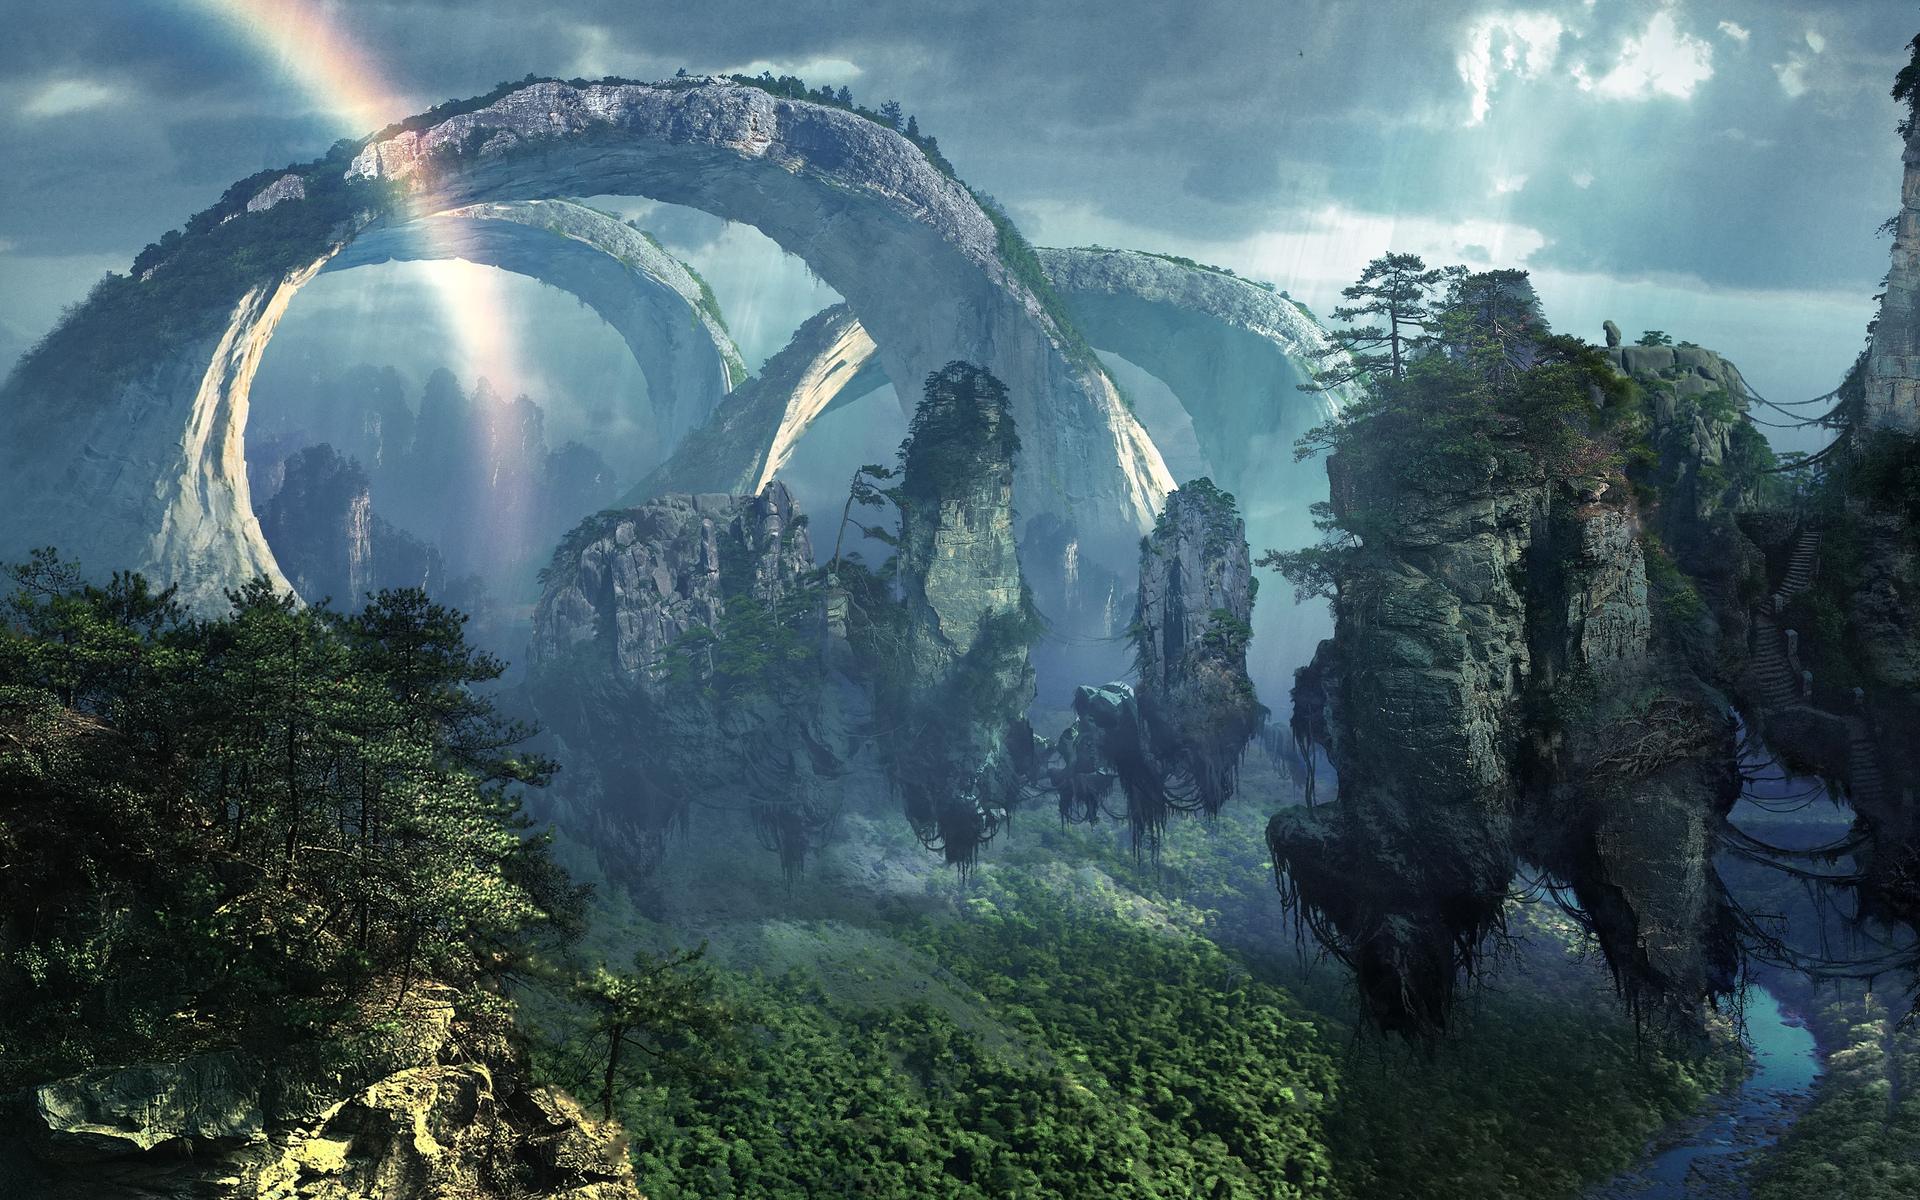 46 Fantasy Nature Wallpapers Hd On Wallpapersafari